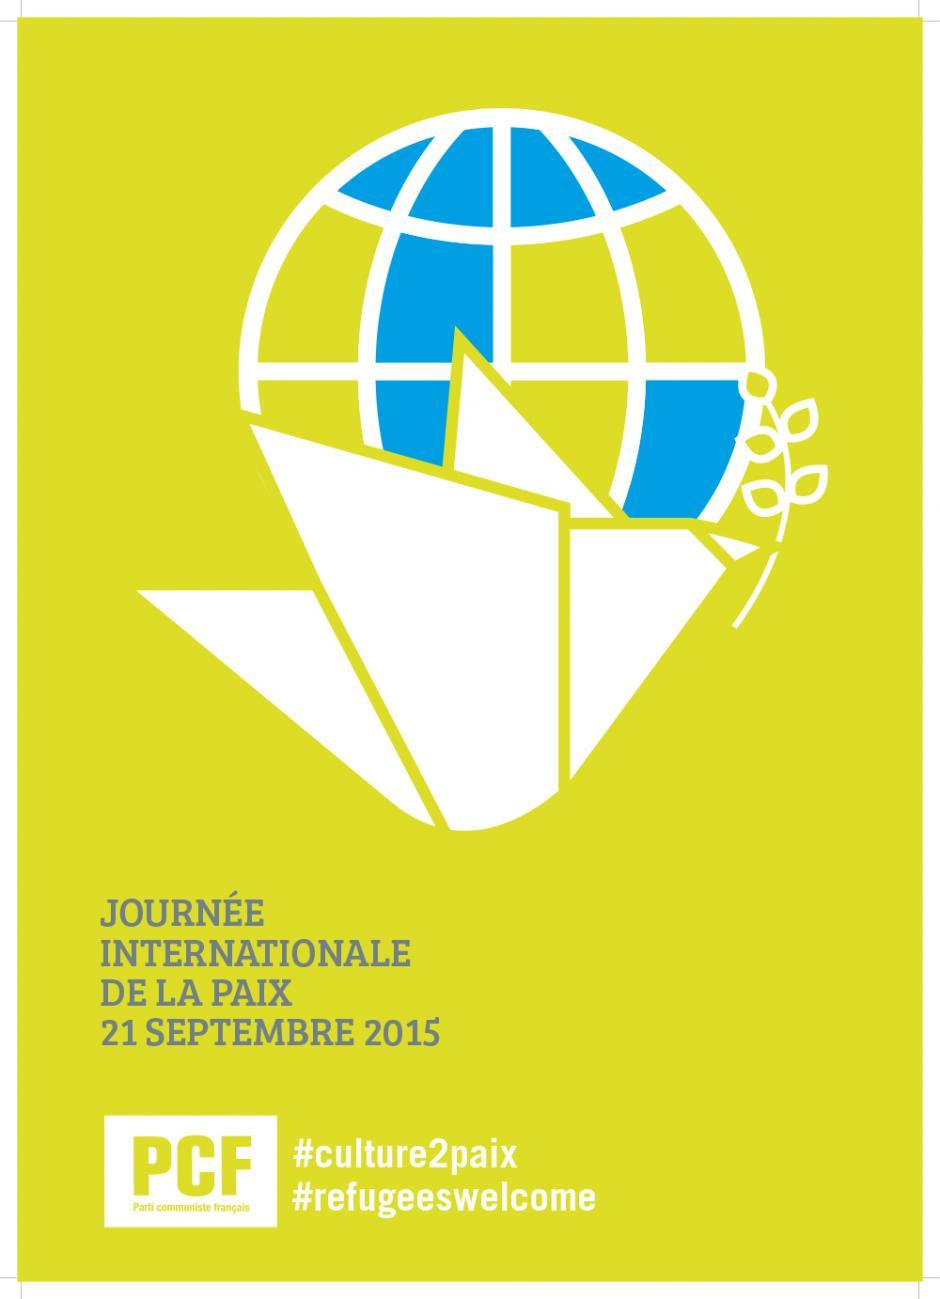 21 Septembre, mobilisons nous pour la paix, solidarité avec les réfugiés et migrants